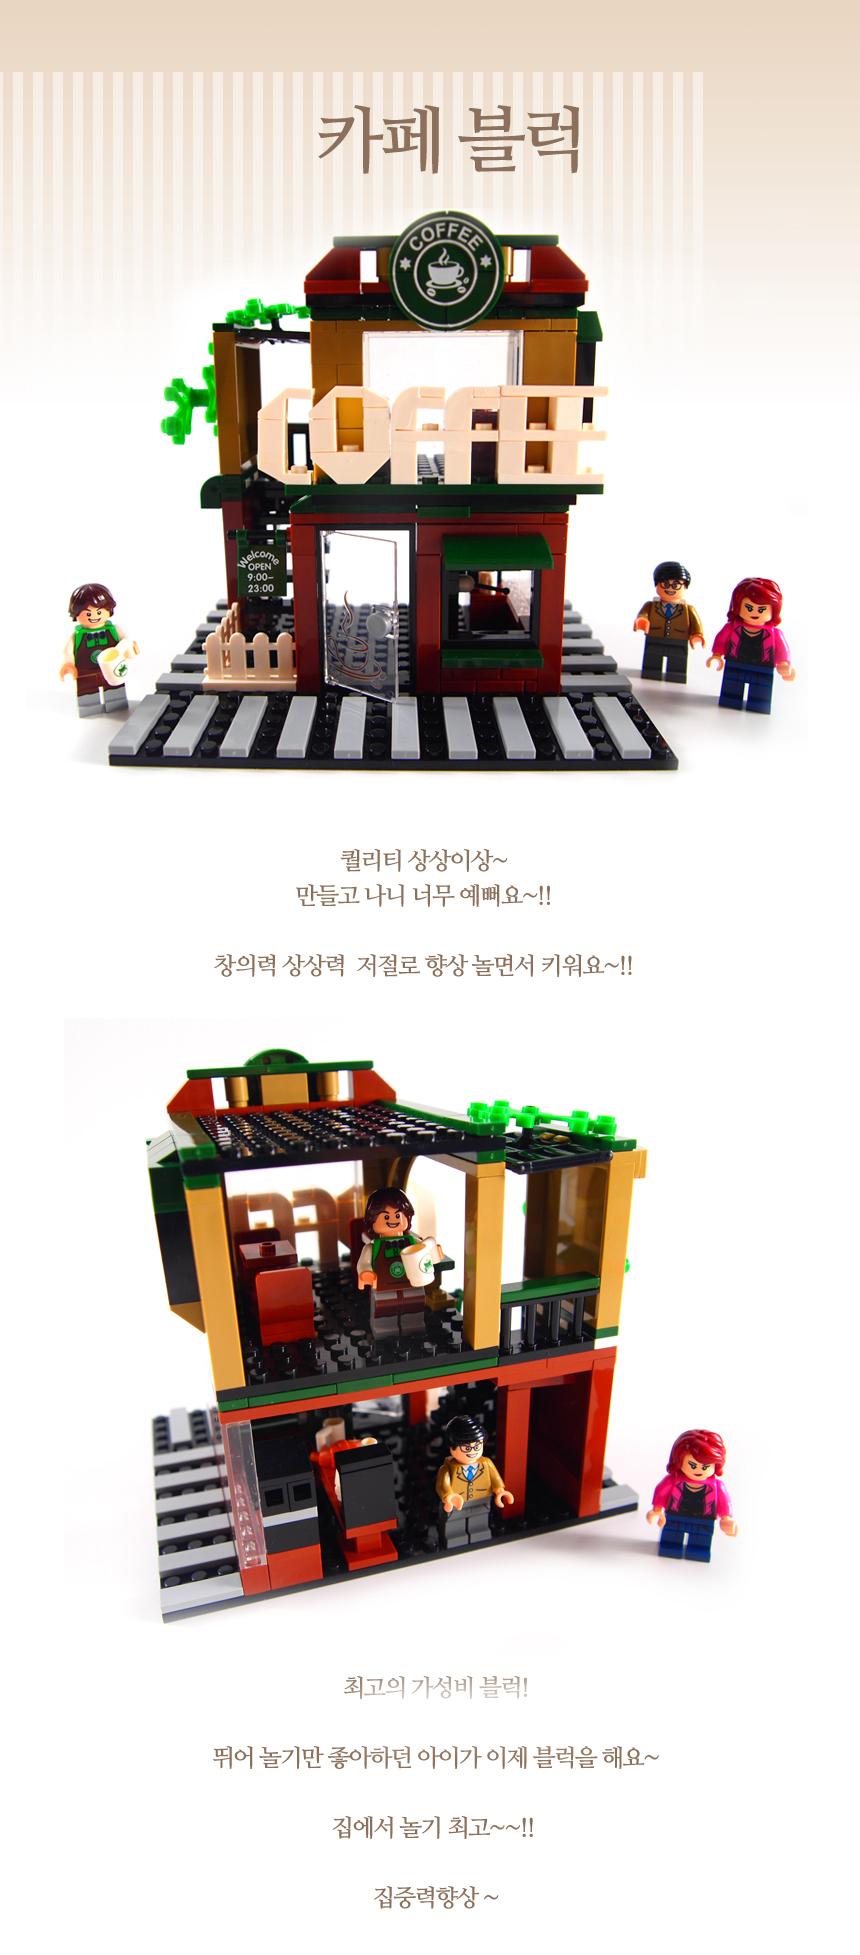 CafeBlock_01.jpg